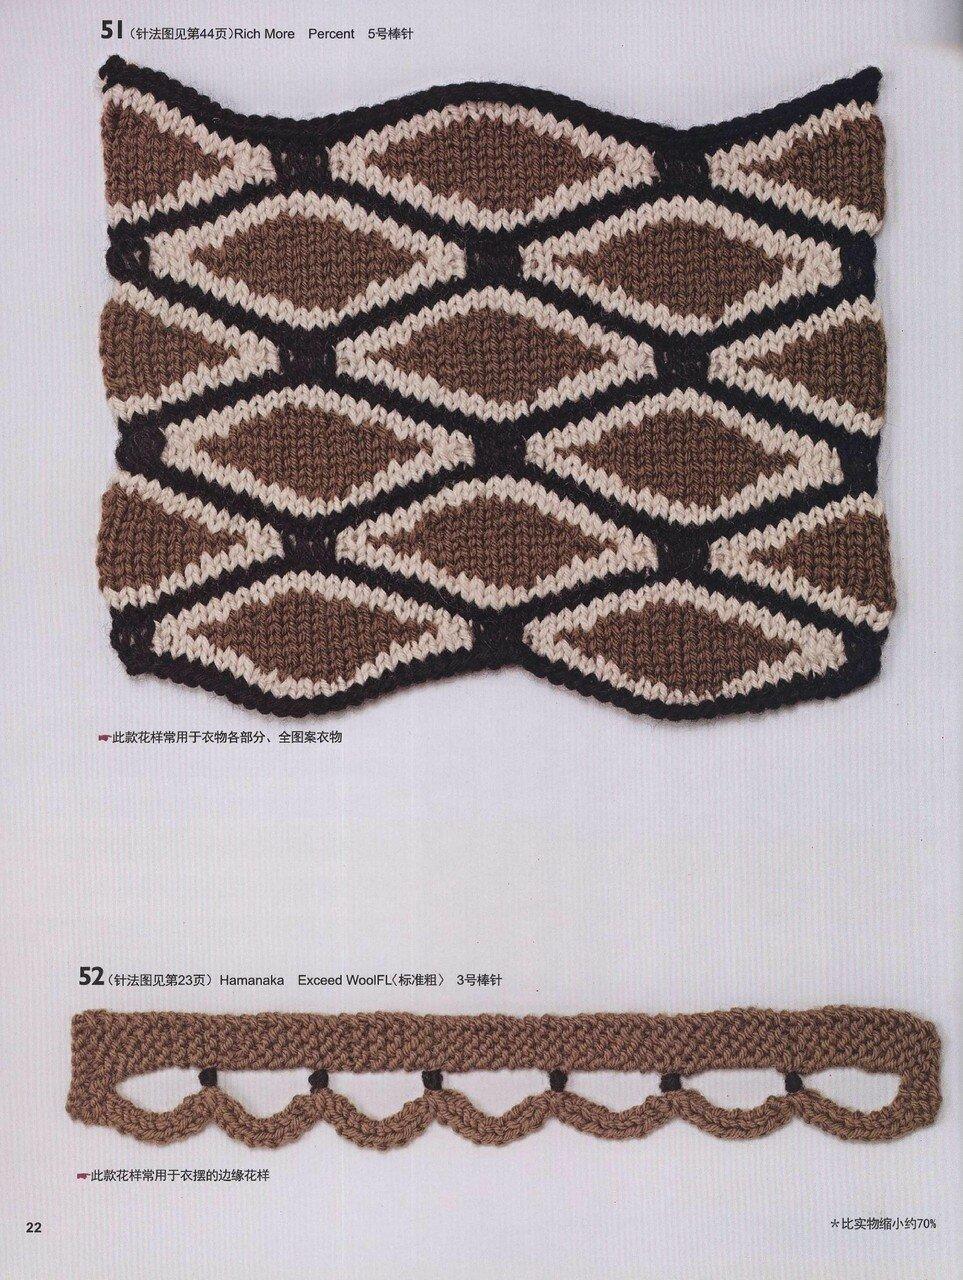 150 Knitting_24.jpg